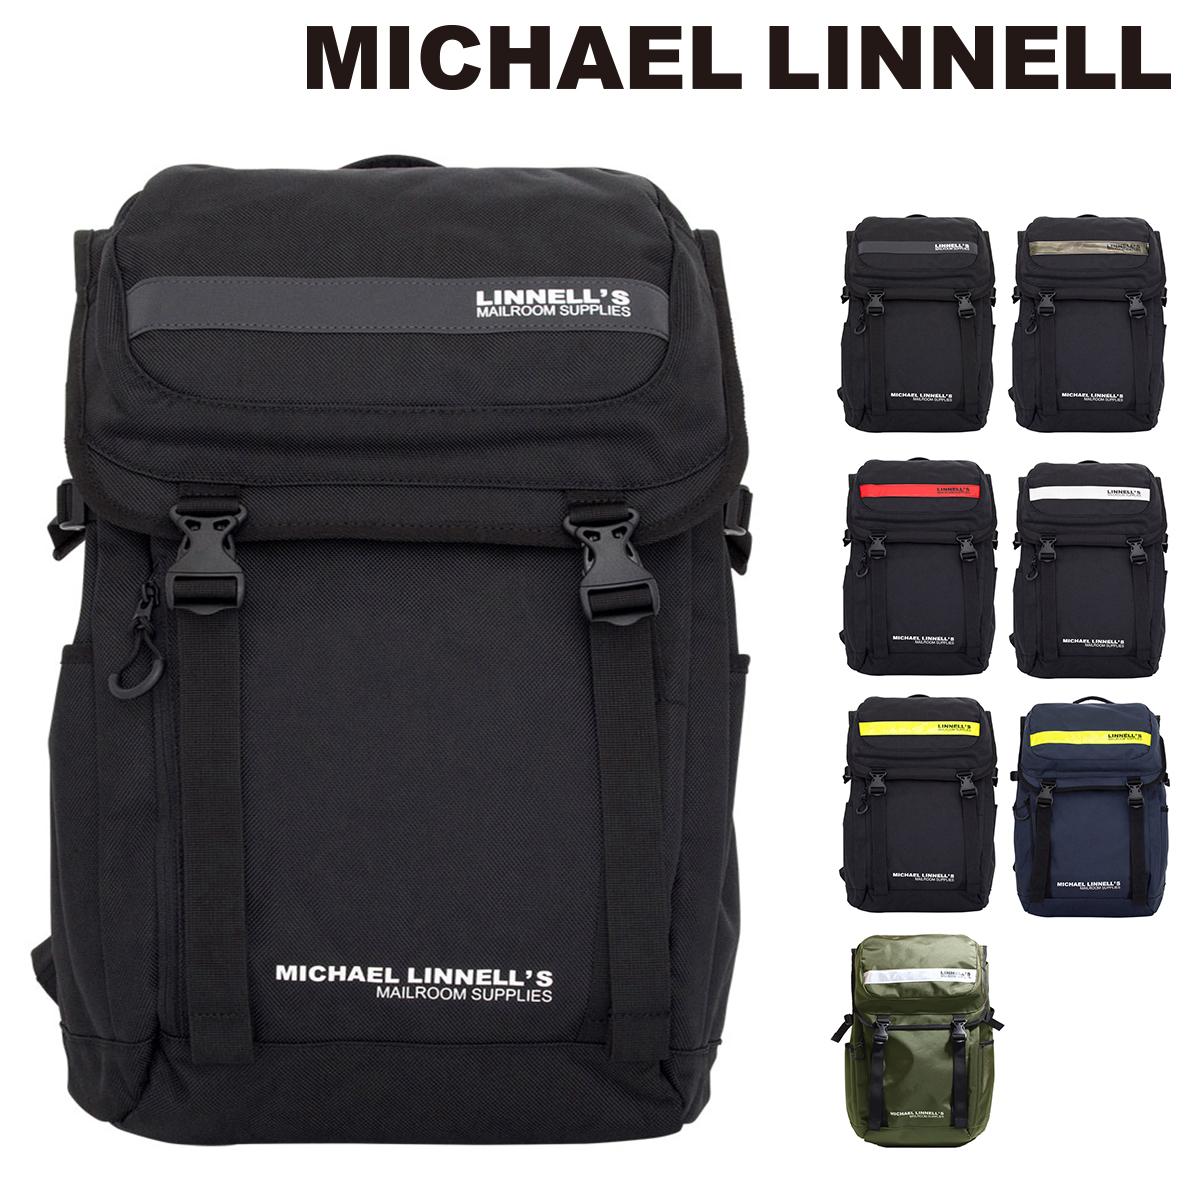 マイケルリンネル MICHAEL LINNELL リュック ML-018 【 リュック リフレクター ダブルバックル 大容量27L 】【PO10】【bef】【即日発送】